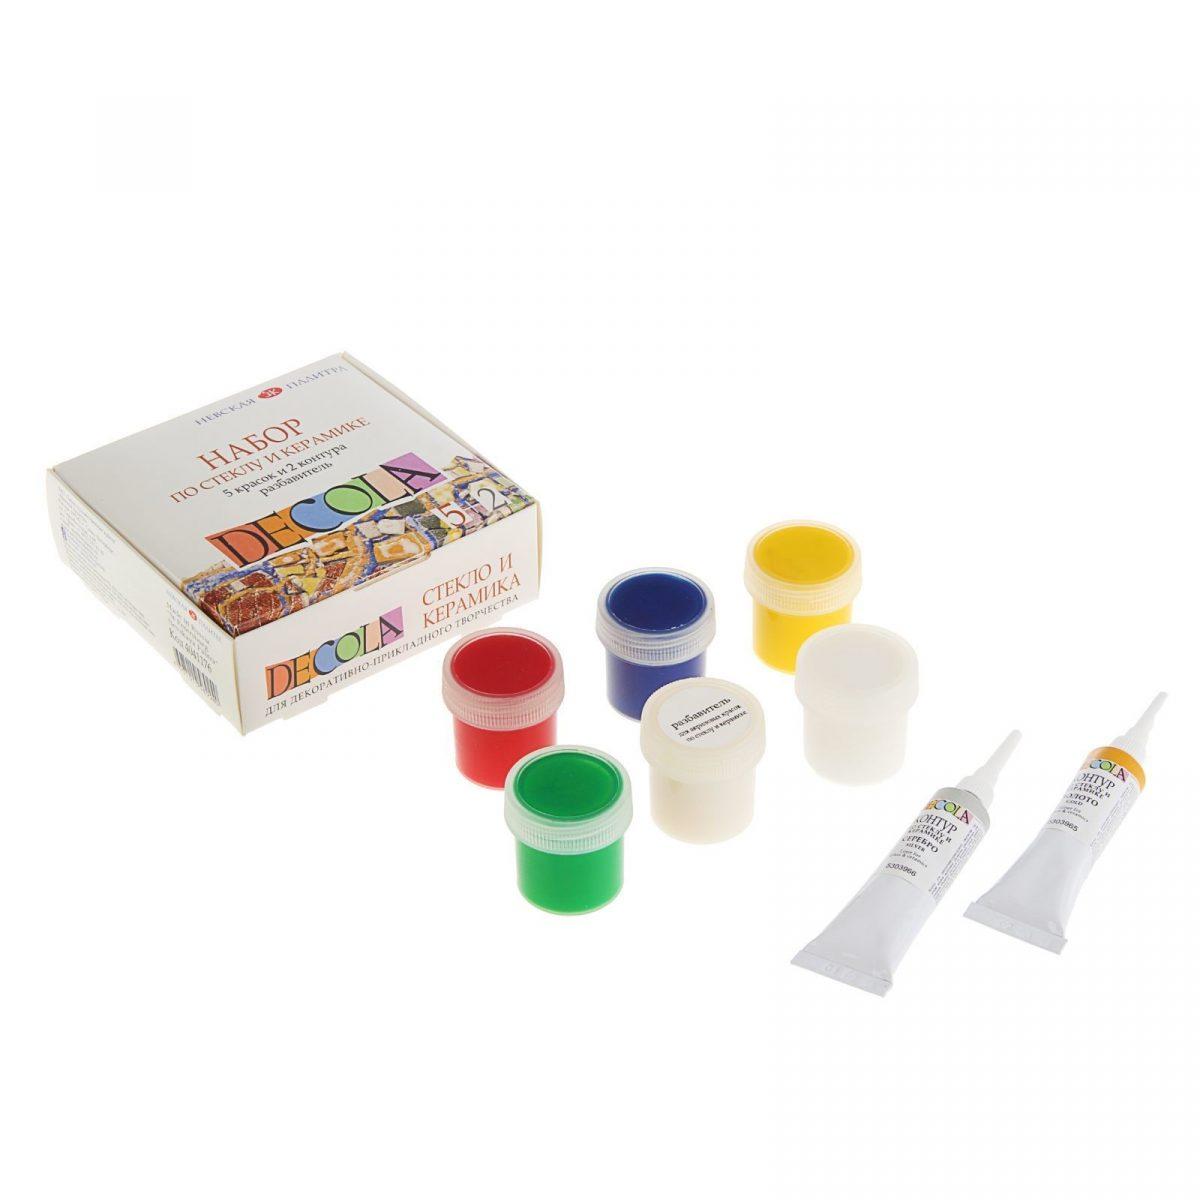 """Набор по стеклу и керамике """"Decola"""": краски, контуры+разбавитель"""